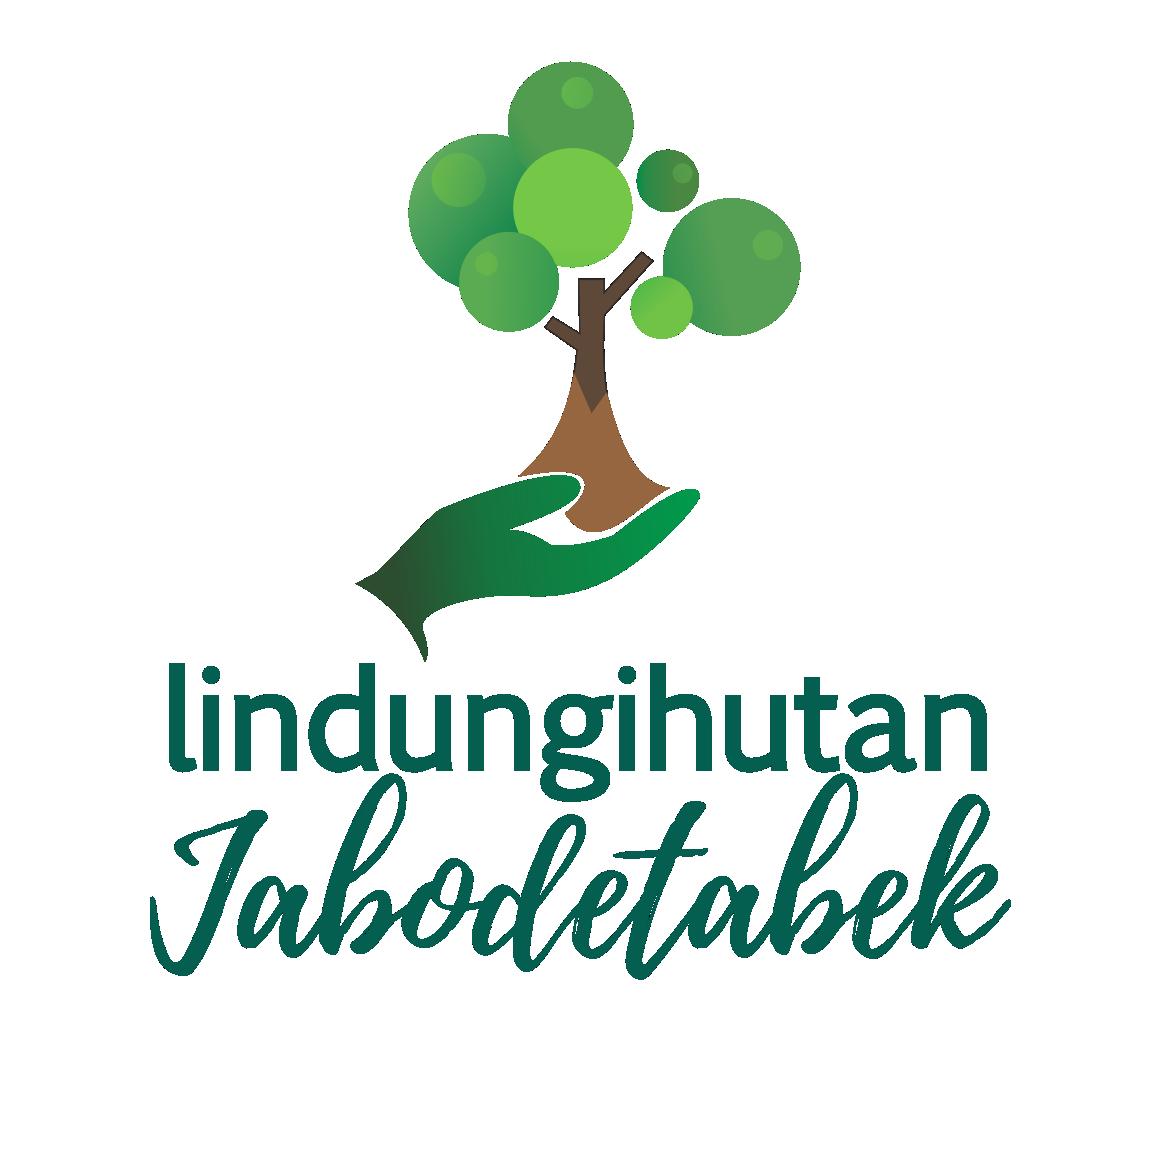 Relawan Jabodetabek